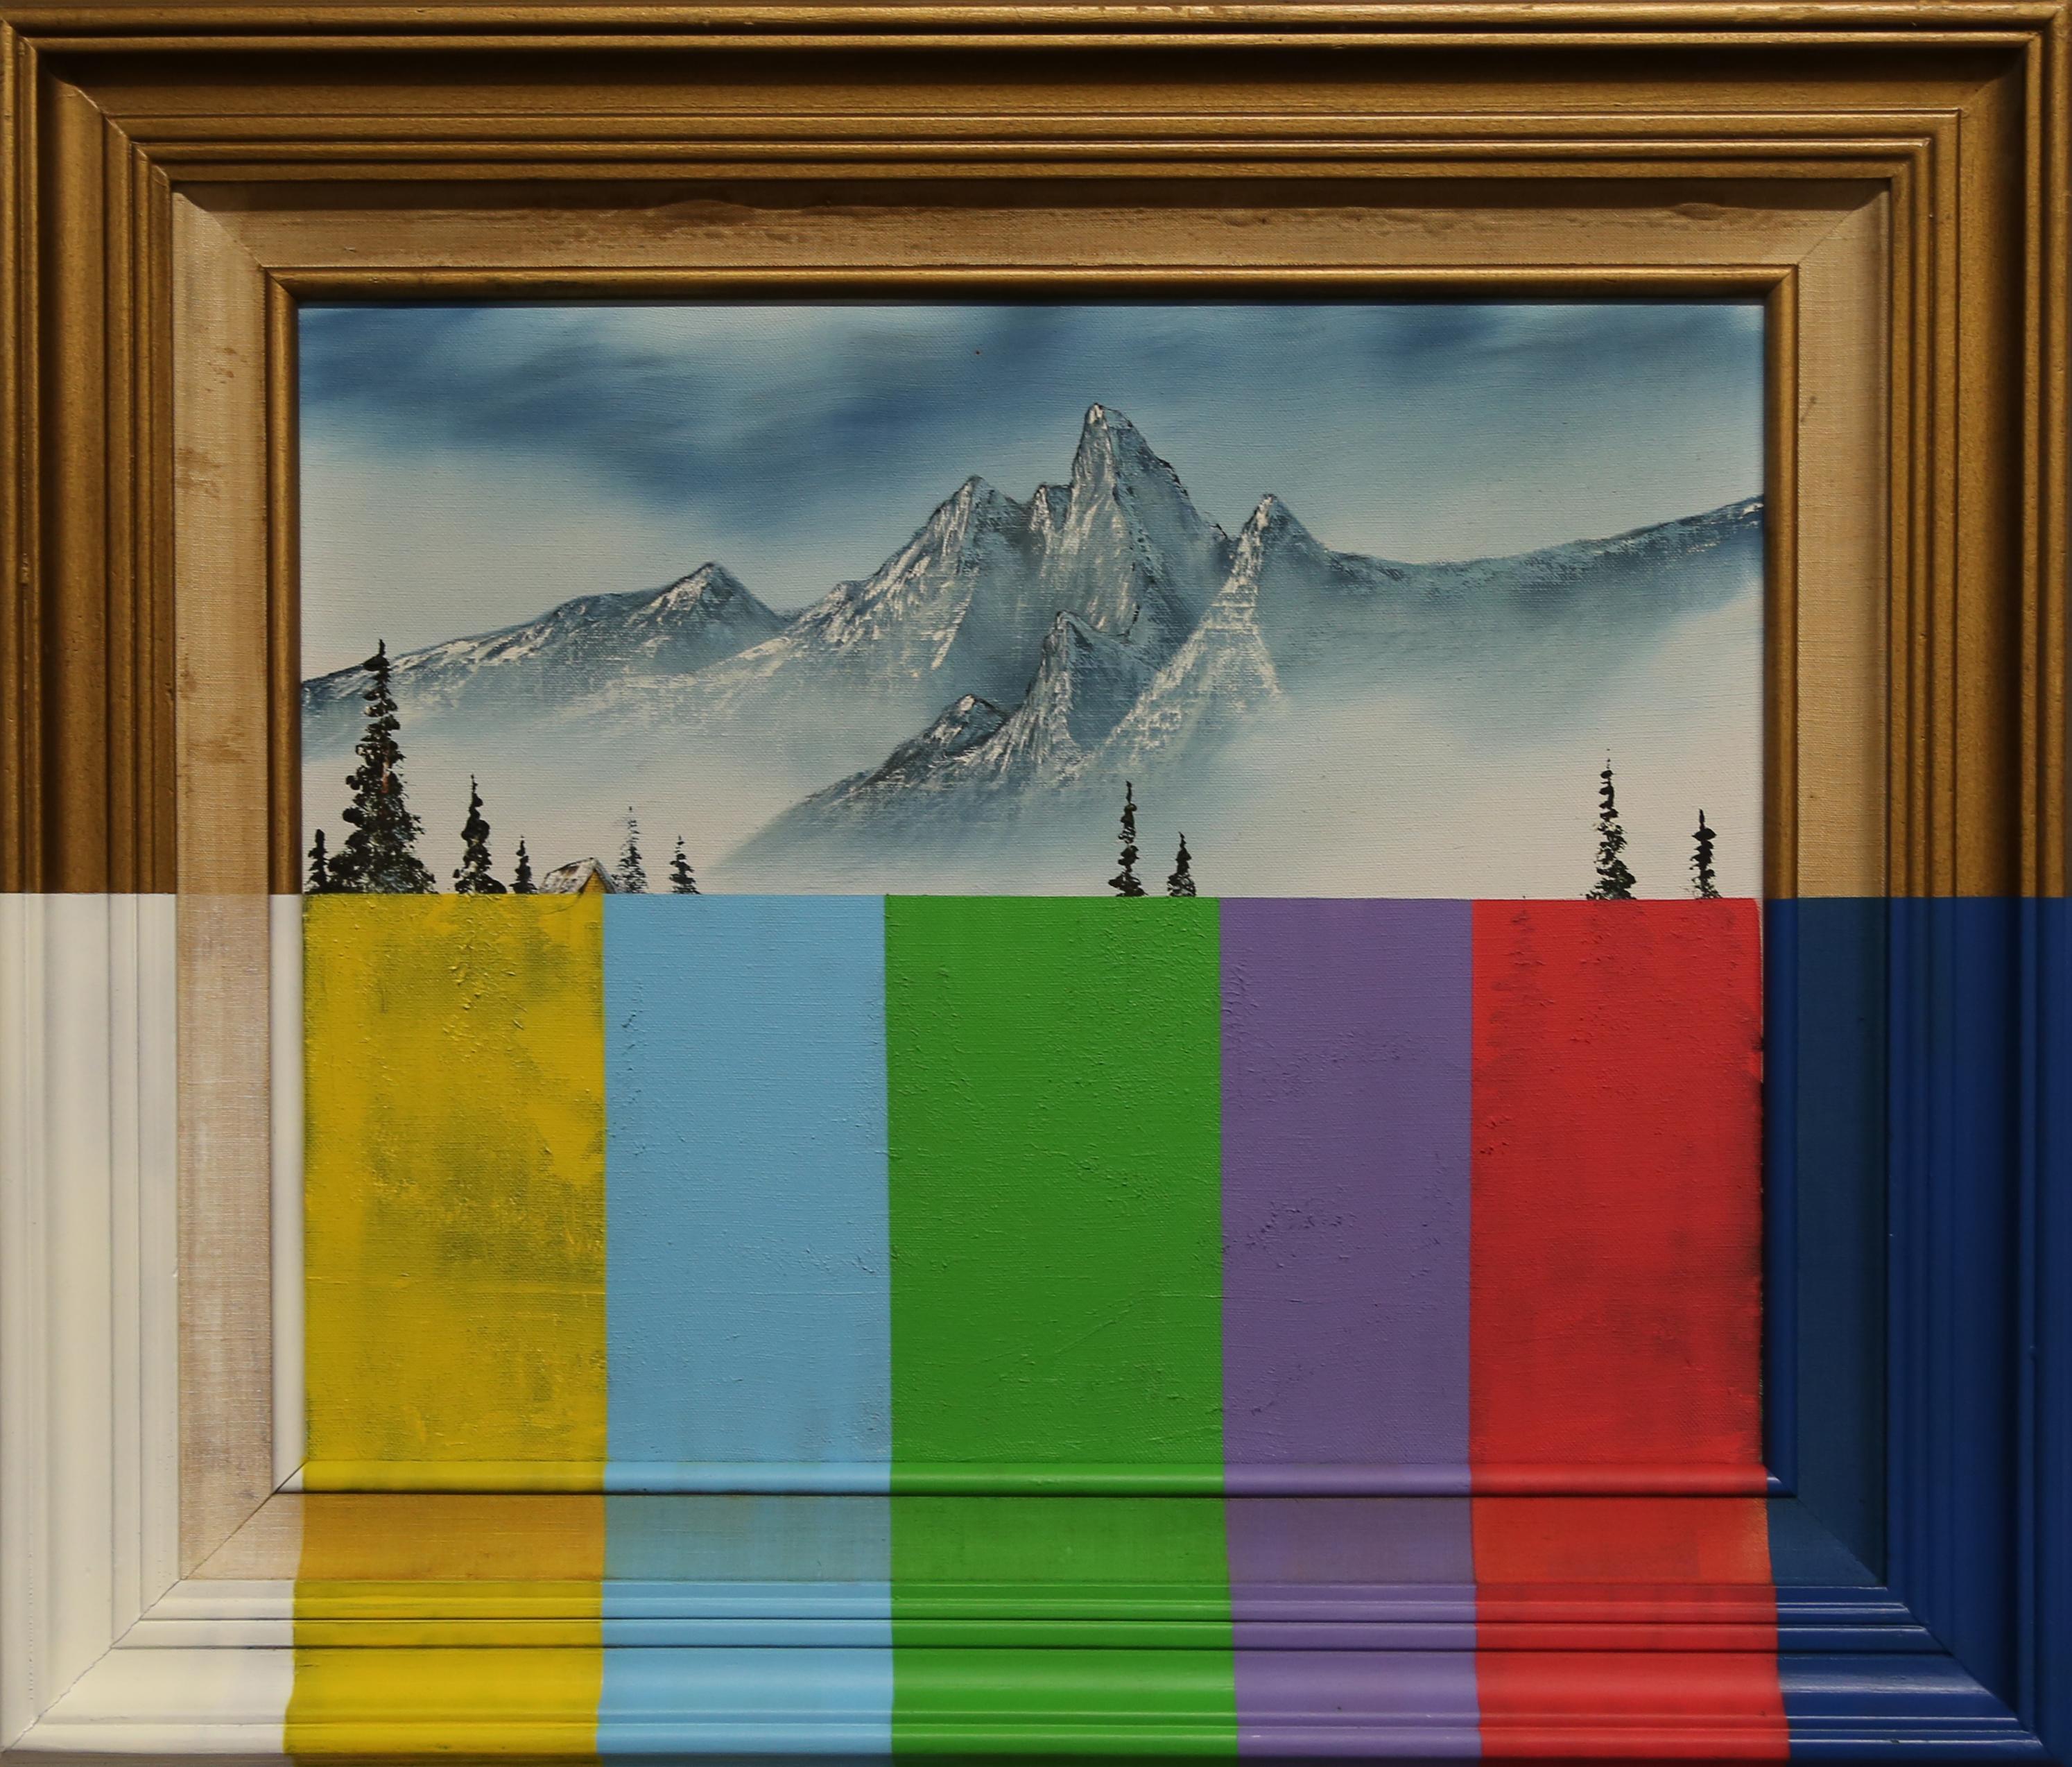 TV Bars 1 b yTMFA